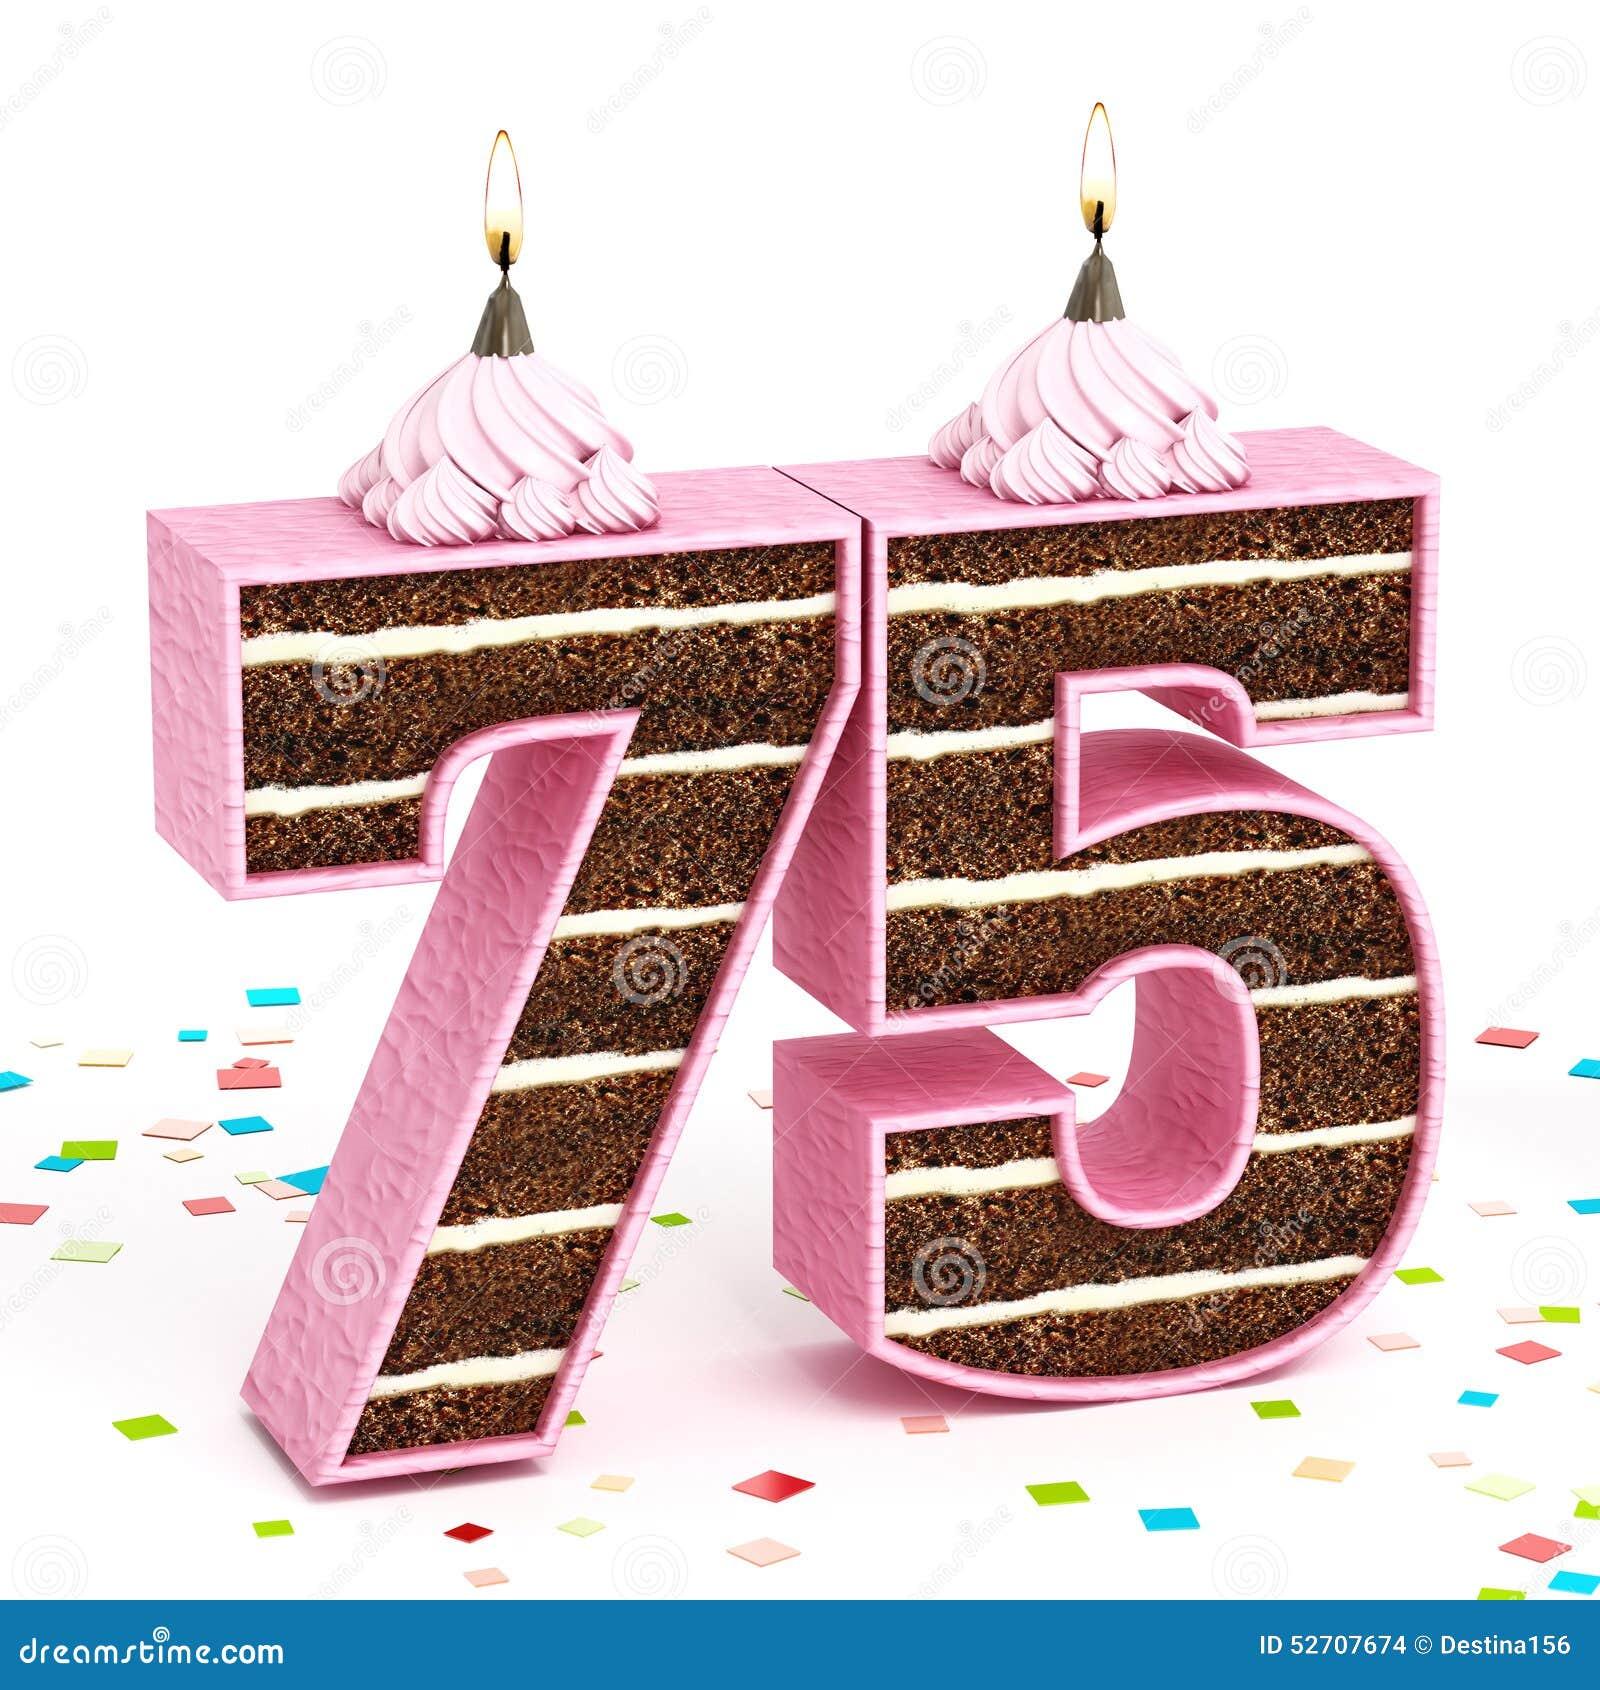 Les chiffres en photo, dessin - Page 3 Le-num%C3%A9ro-form%C3%A9-le-g%C3%A2teau-d-anniversaire-de-chocolat-avec-la-bougie-allum%C3%A9e-52707674